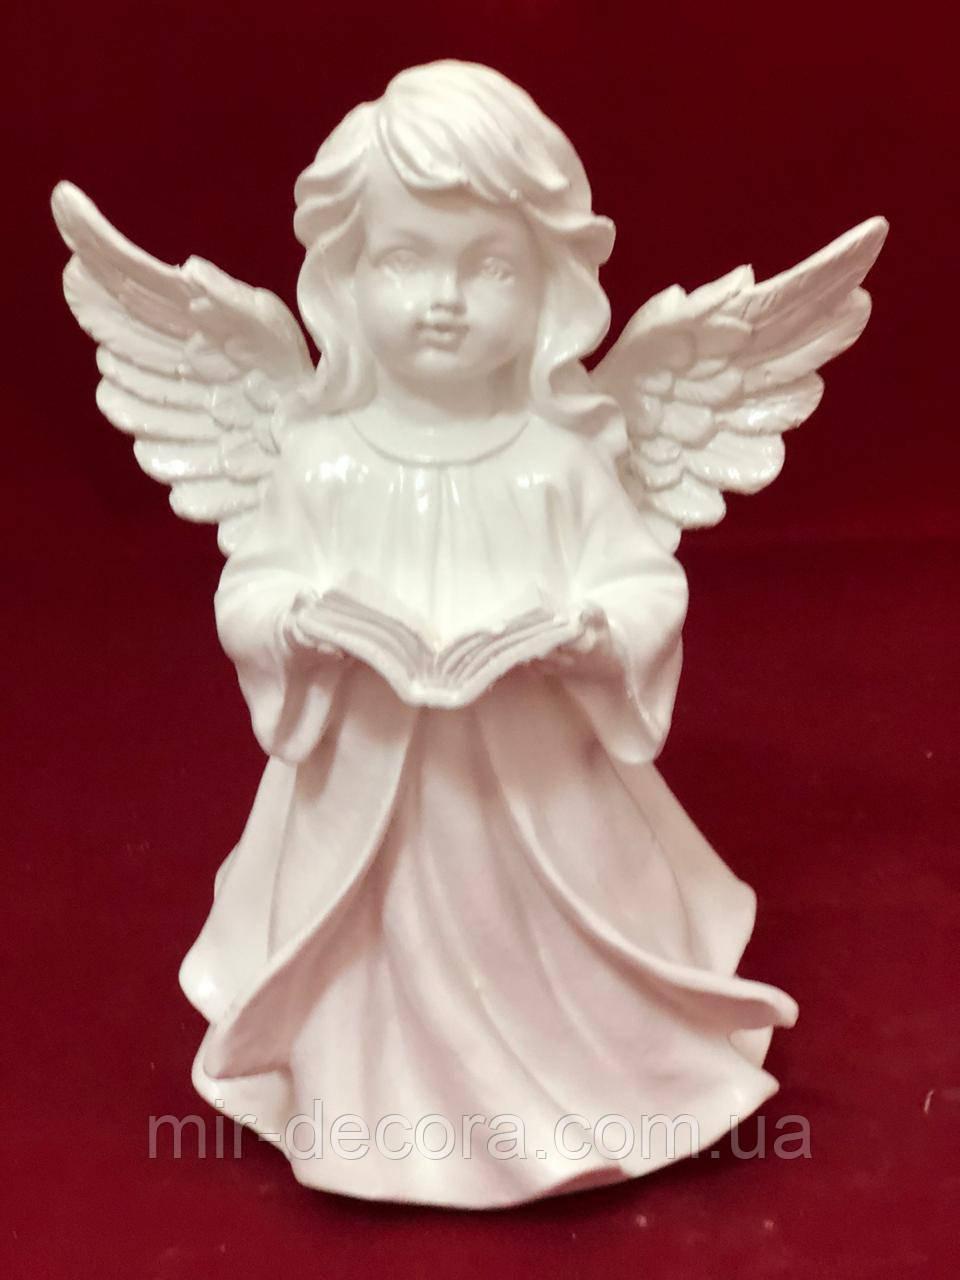 Статуэтка для декора Ангел с книгой новый, белый, 24 см